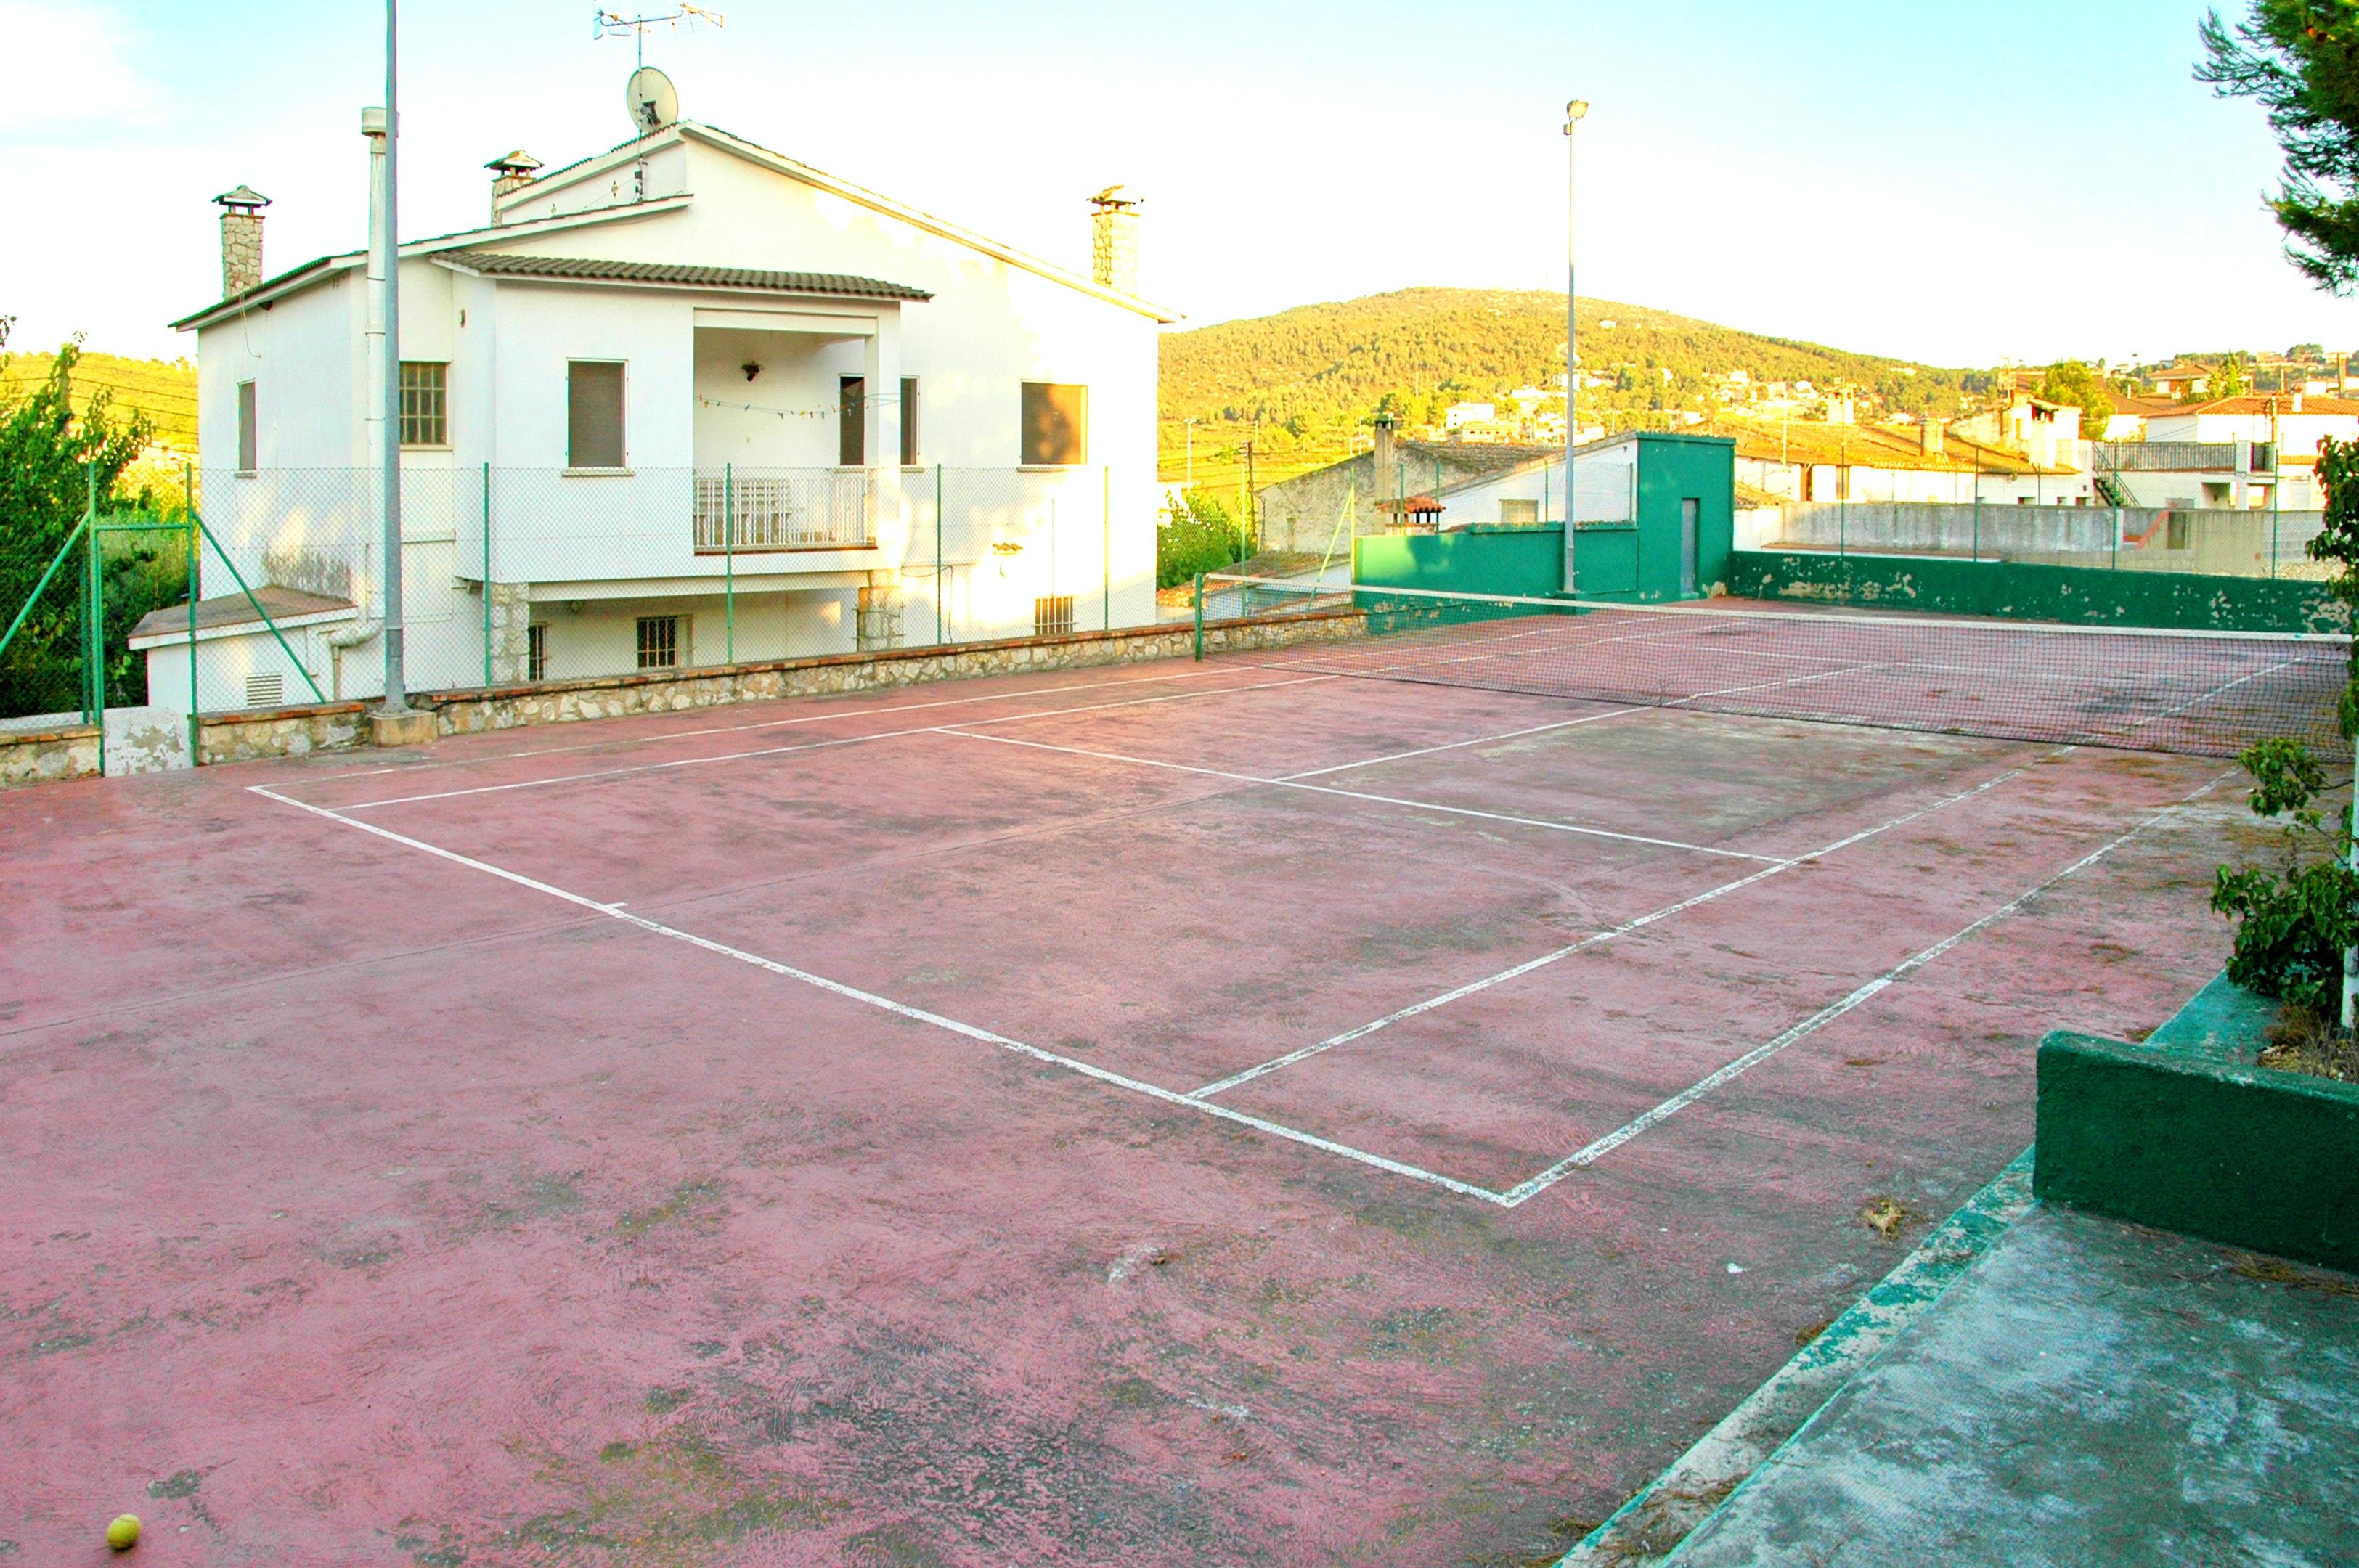 Ferienhaus Villa mit 6 Schlafzimmern in Canyelles mit toller Aussicht auf die Berge, privatem Pool, e (2339365), Canyelles, Costa del Garraf, Katalonien, Spanien, Bild 25